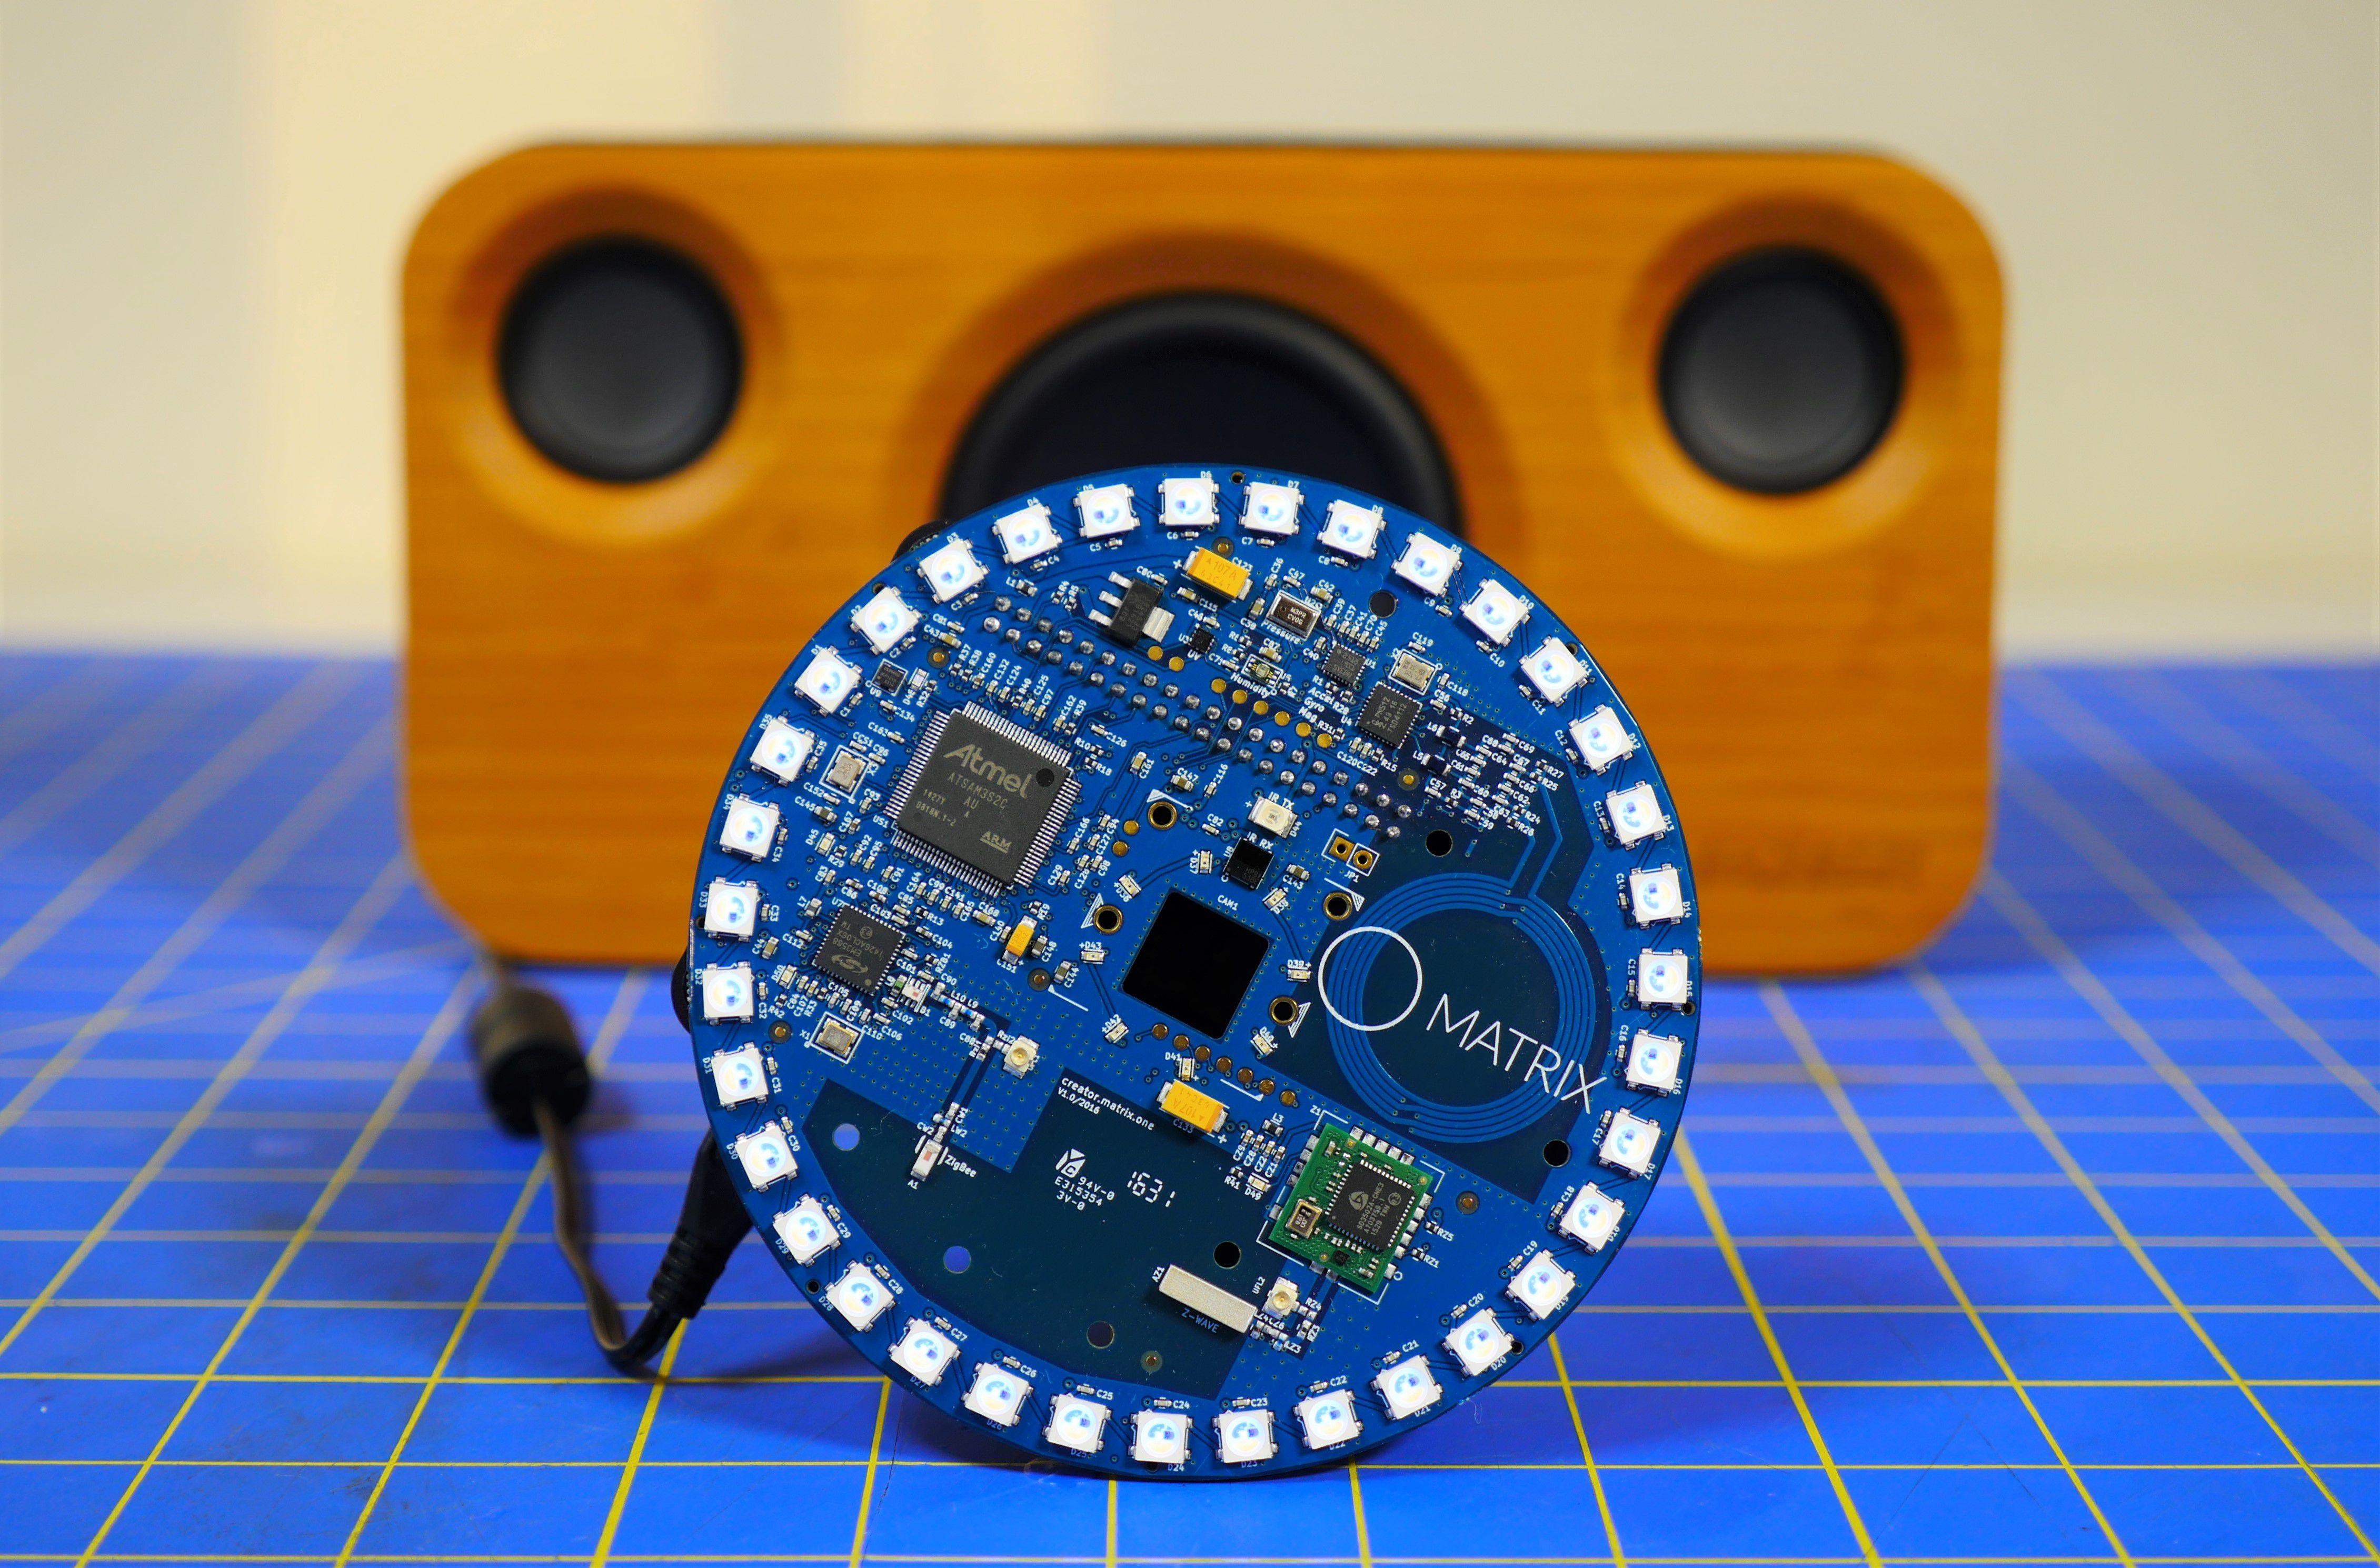 Marvelous 5 Things To Consider Before Making A Diy Alexa Speaker Cnet Wiring Cloud Waroletkolfr09Org